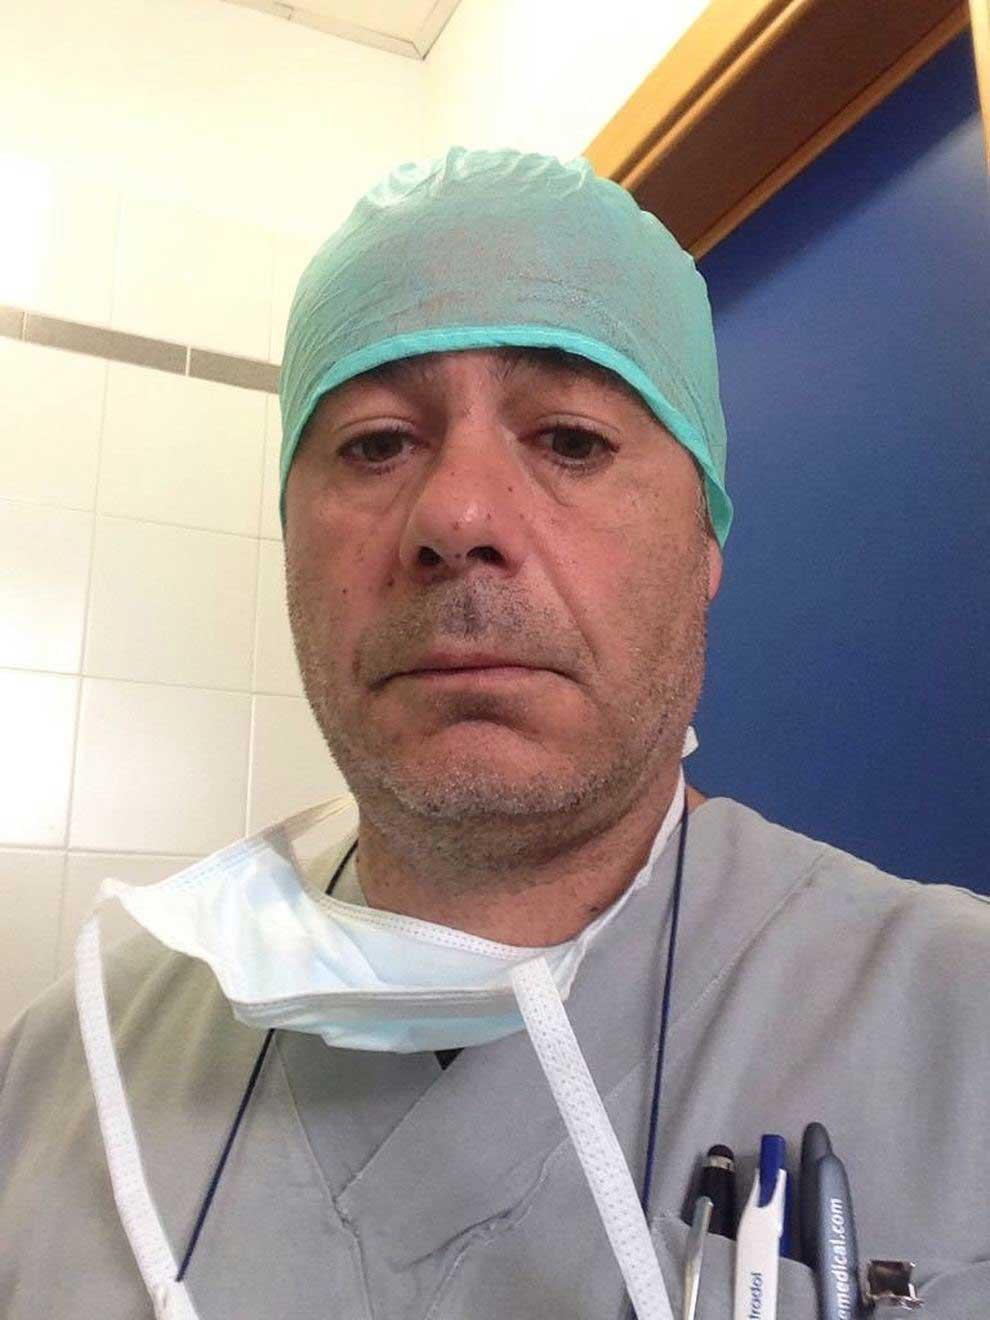 BOTTINO NOMINATO VICEPRESIDENTE DELL'ASSOCIAZIONE DEI CHIRURGI ITALIANI